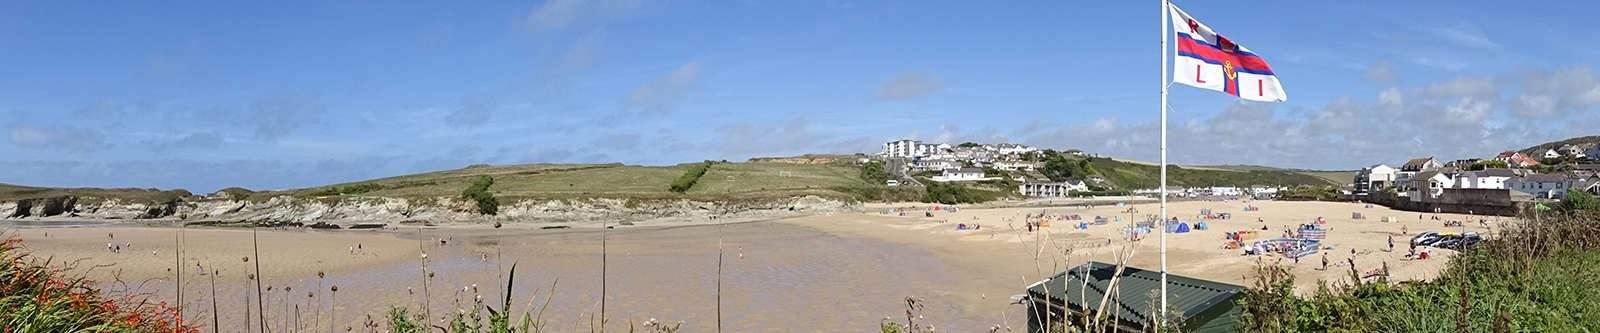 Porth beach view